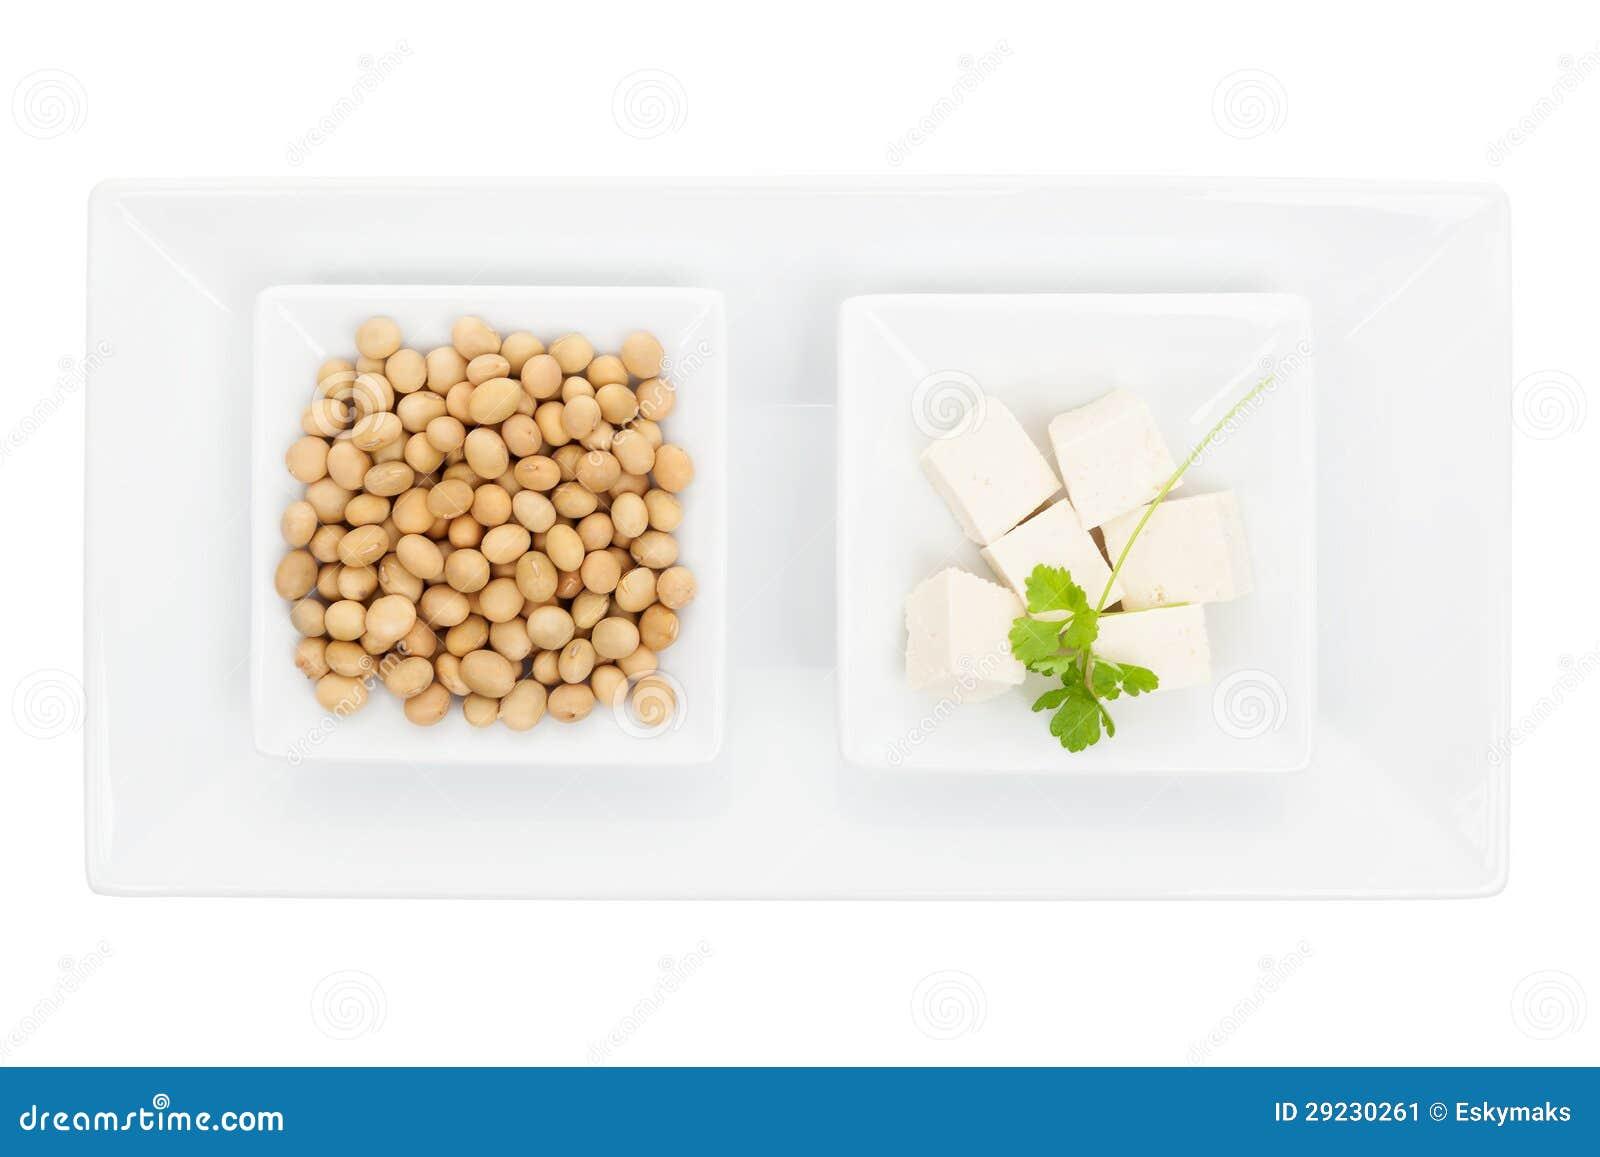 Download Feijões de soja e tofu. imagem de stock. Imagem de horizontal - 29230261